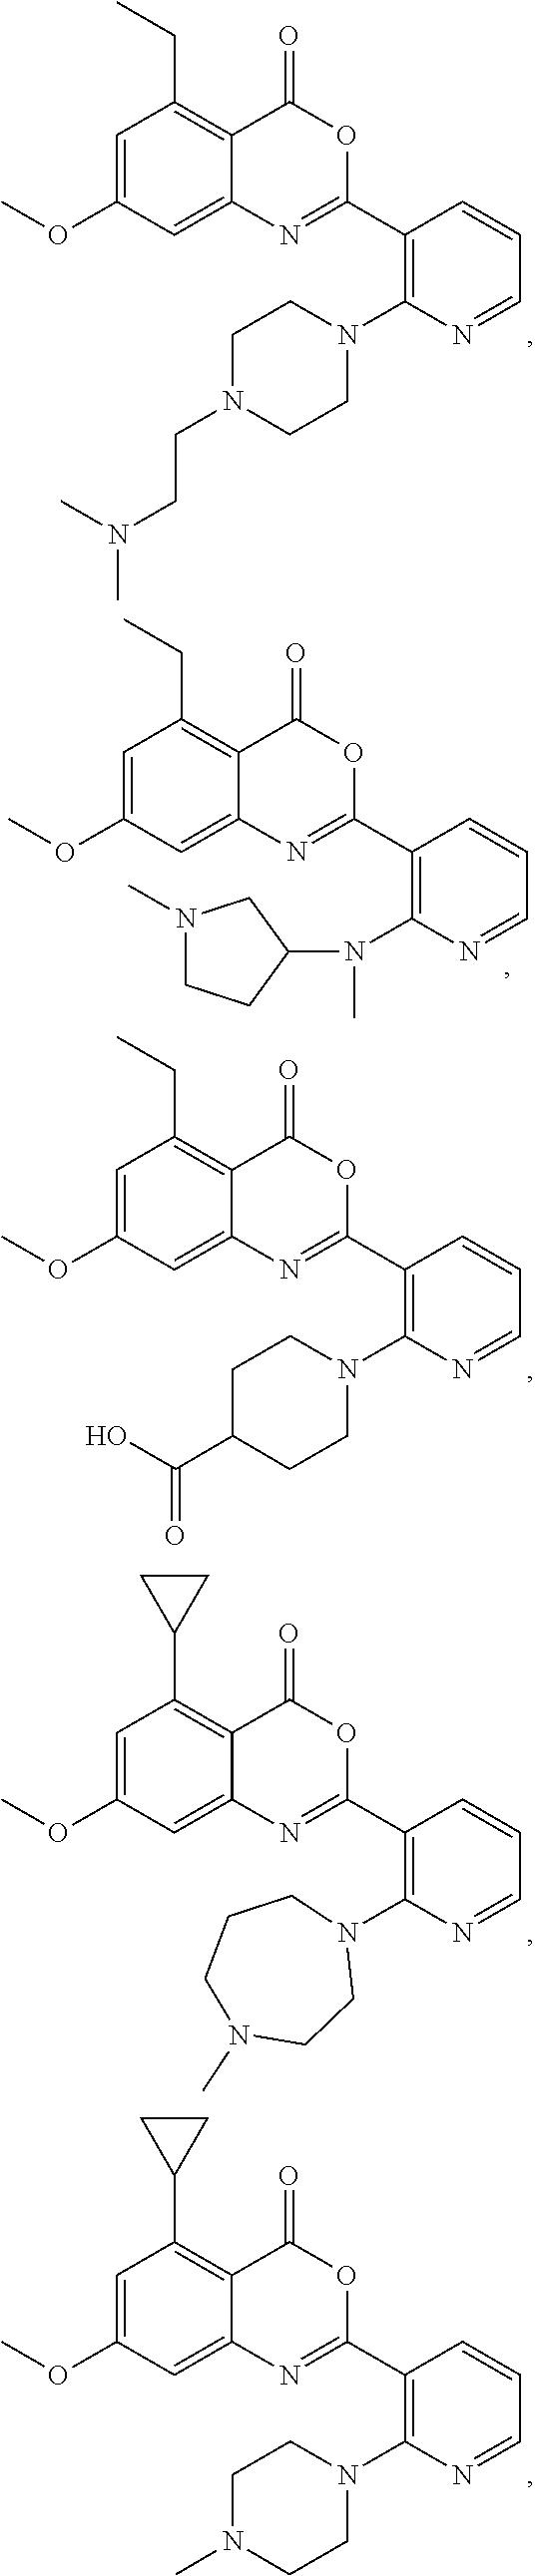 Figure US07879846-20110201-C00397